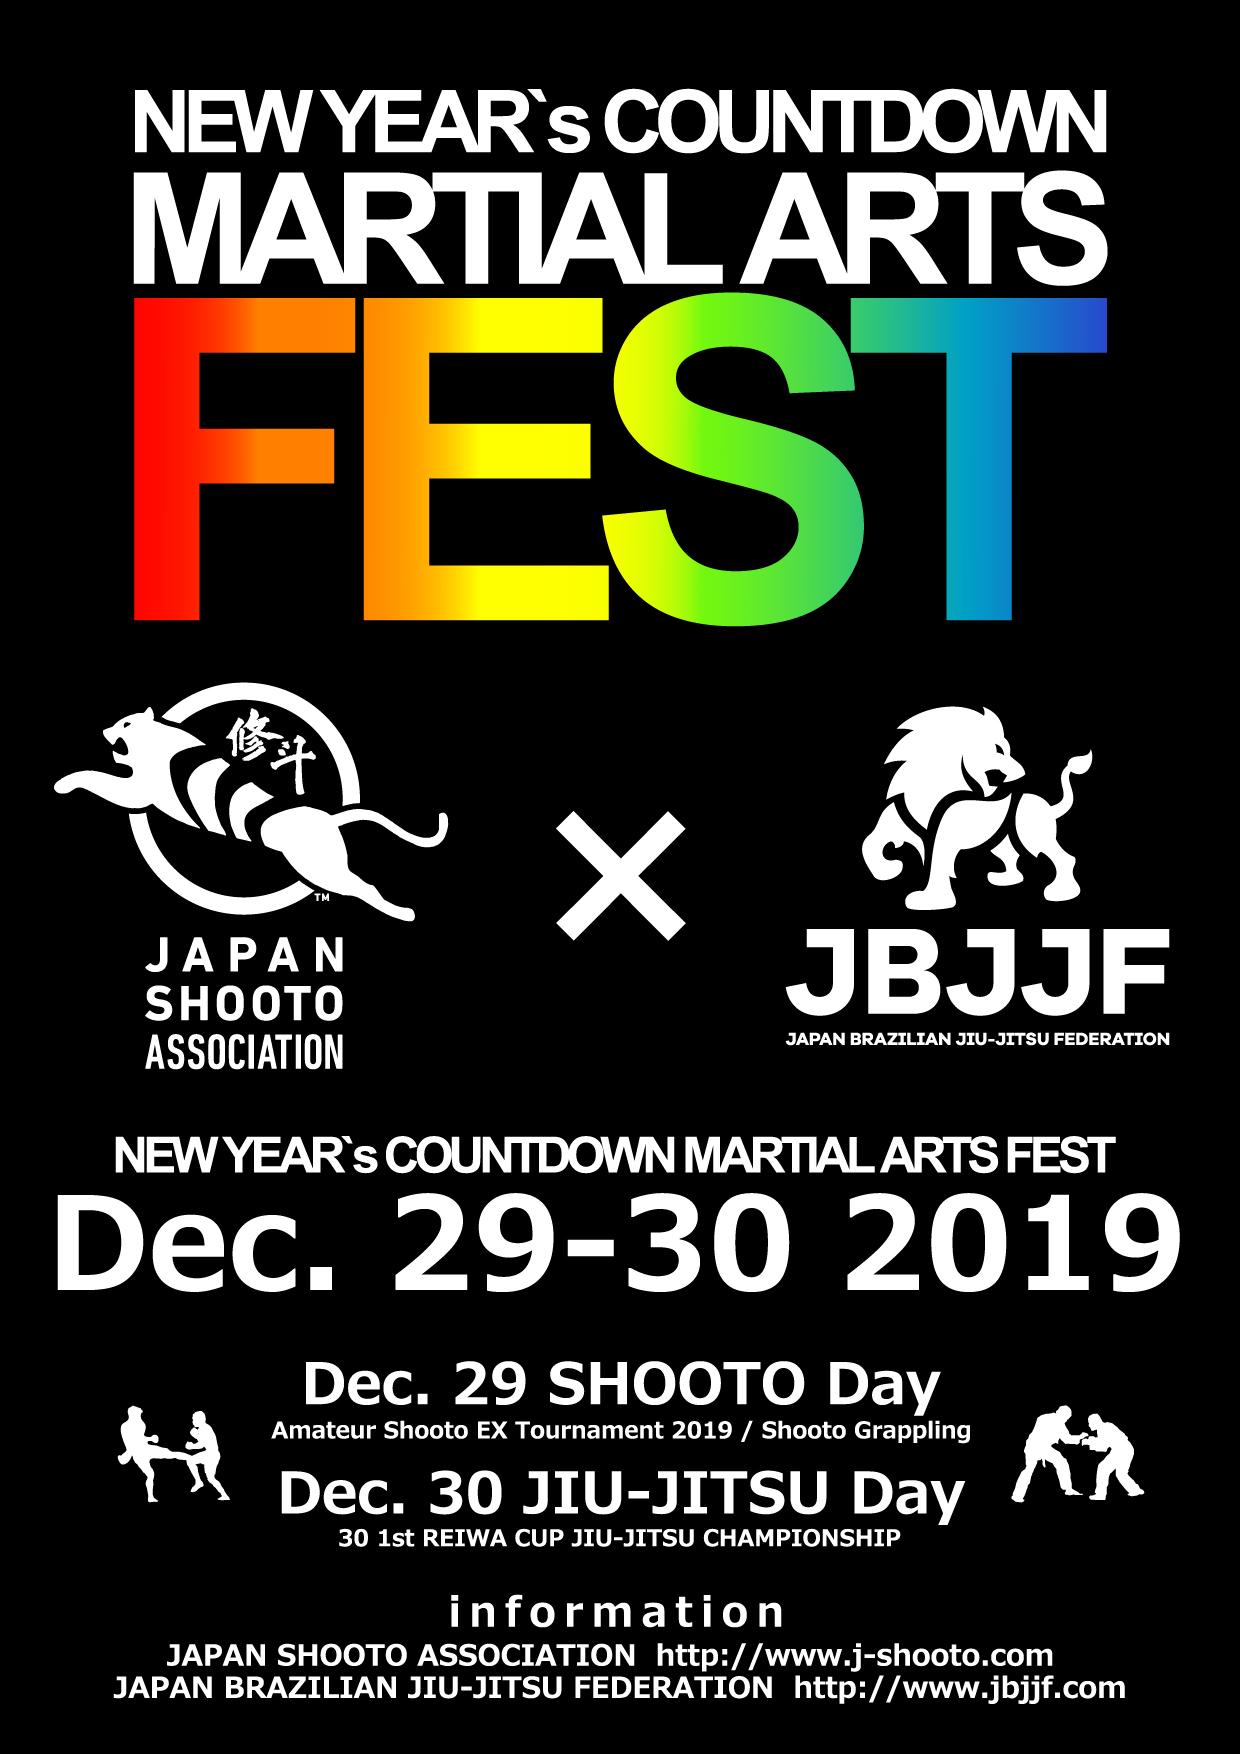 martialarts_fest2019-2020_2